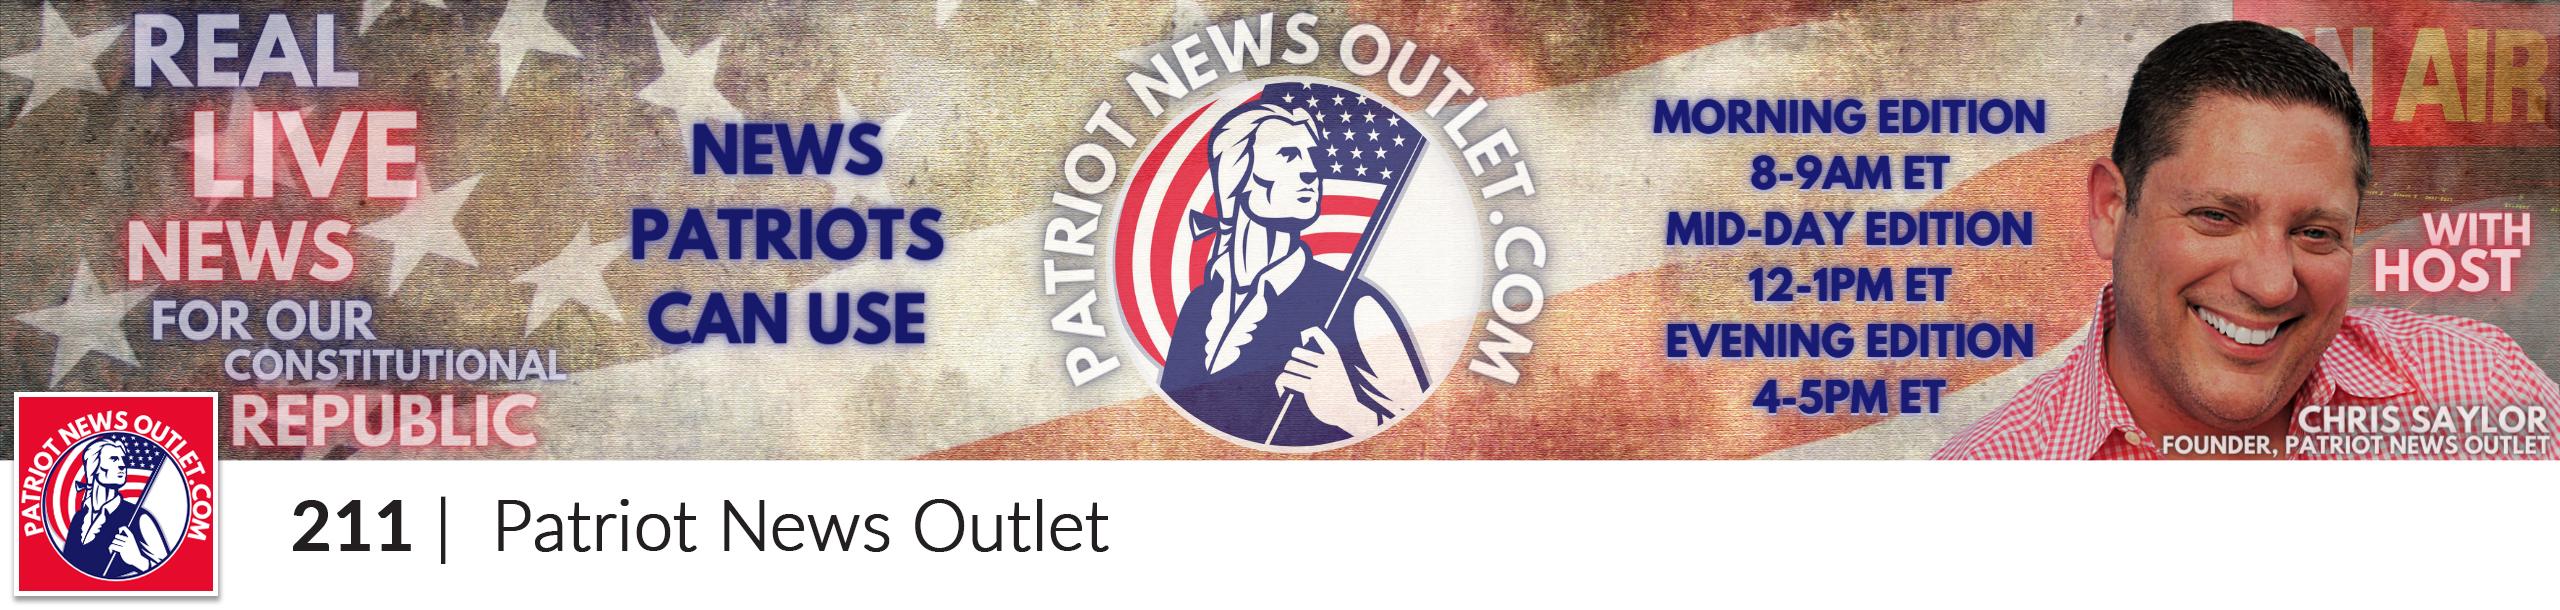 Patriot_News_Outlet-header01